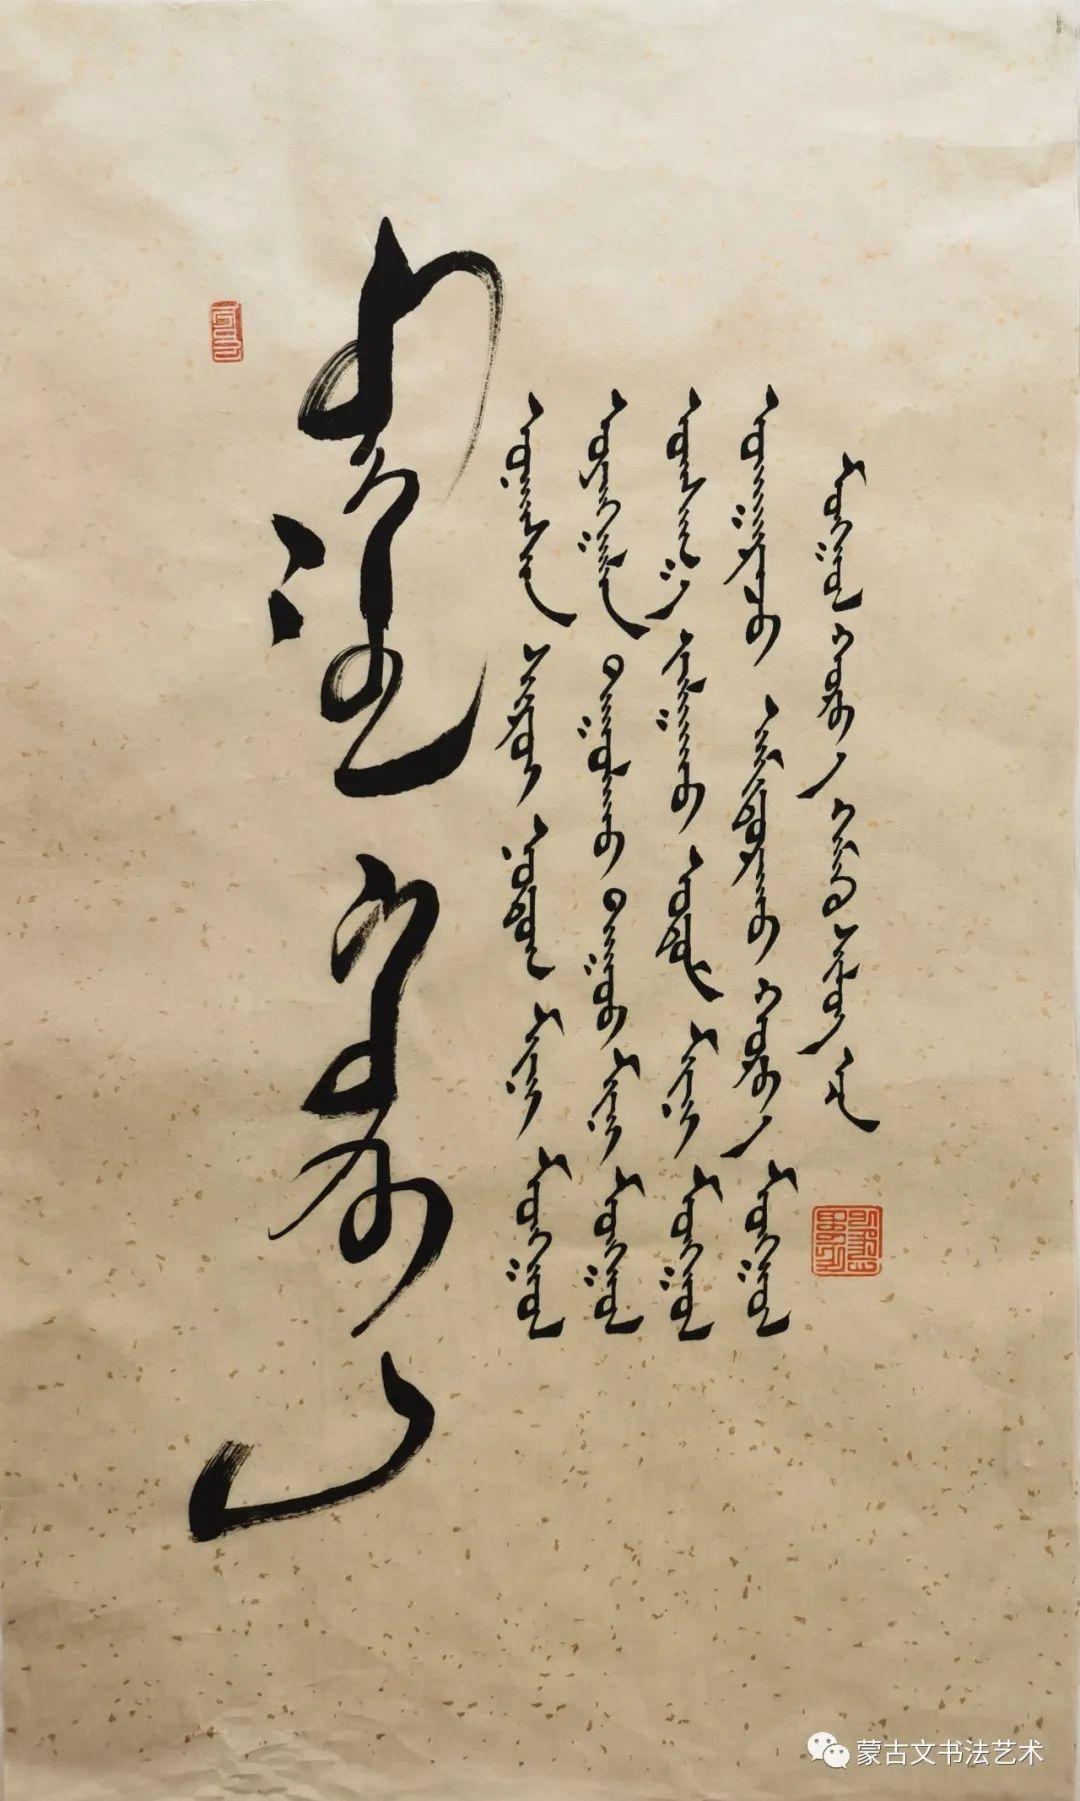 包巴雅尔蒙古文书法作品 第4张 包巴雅尔蒙古文书法作品 蒙古书法